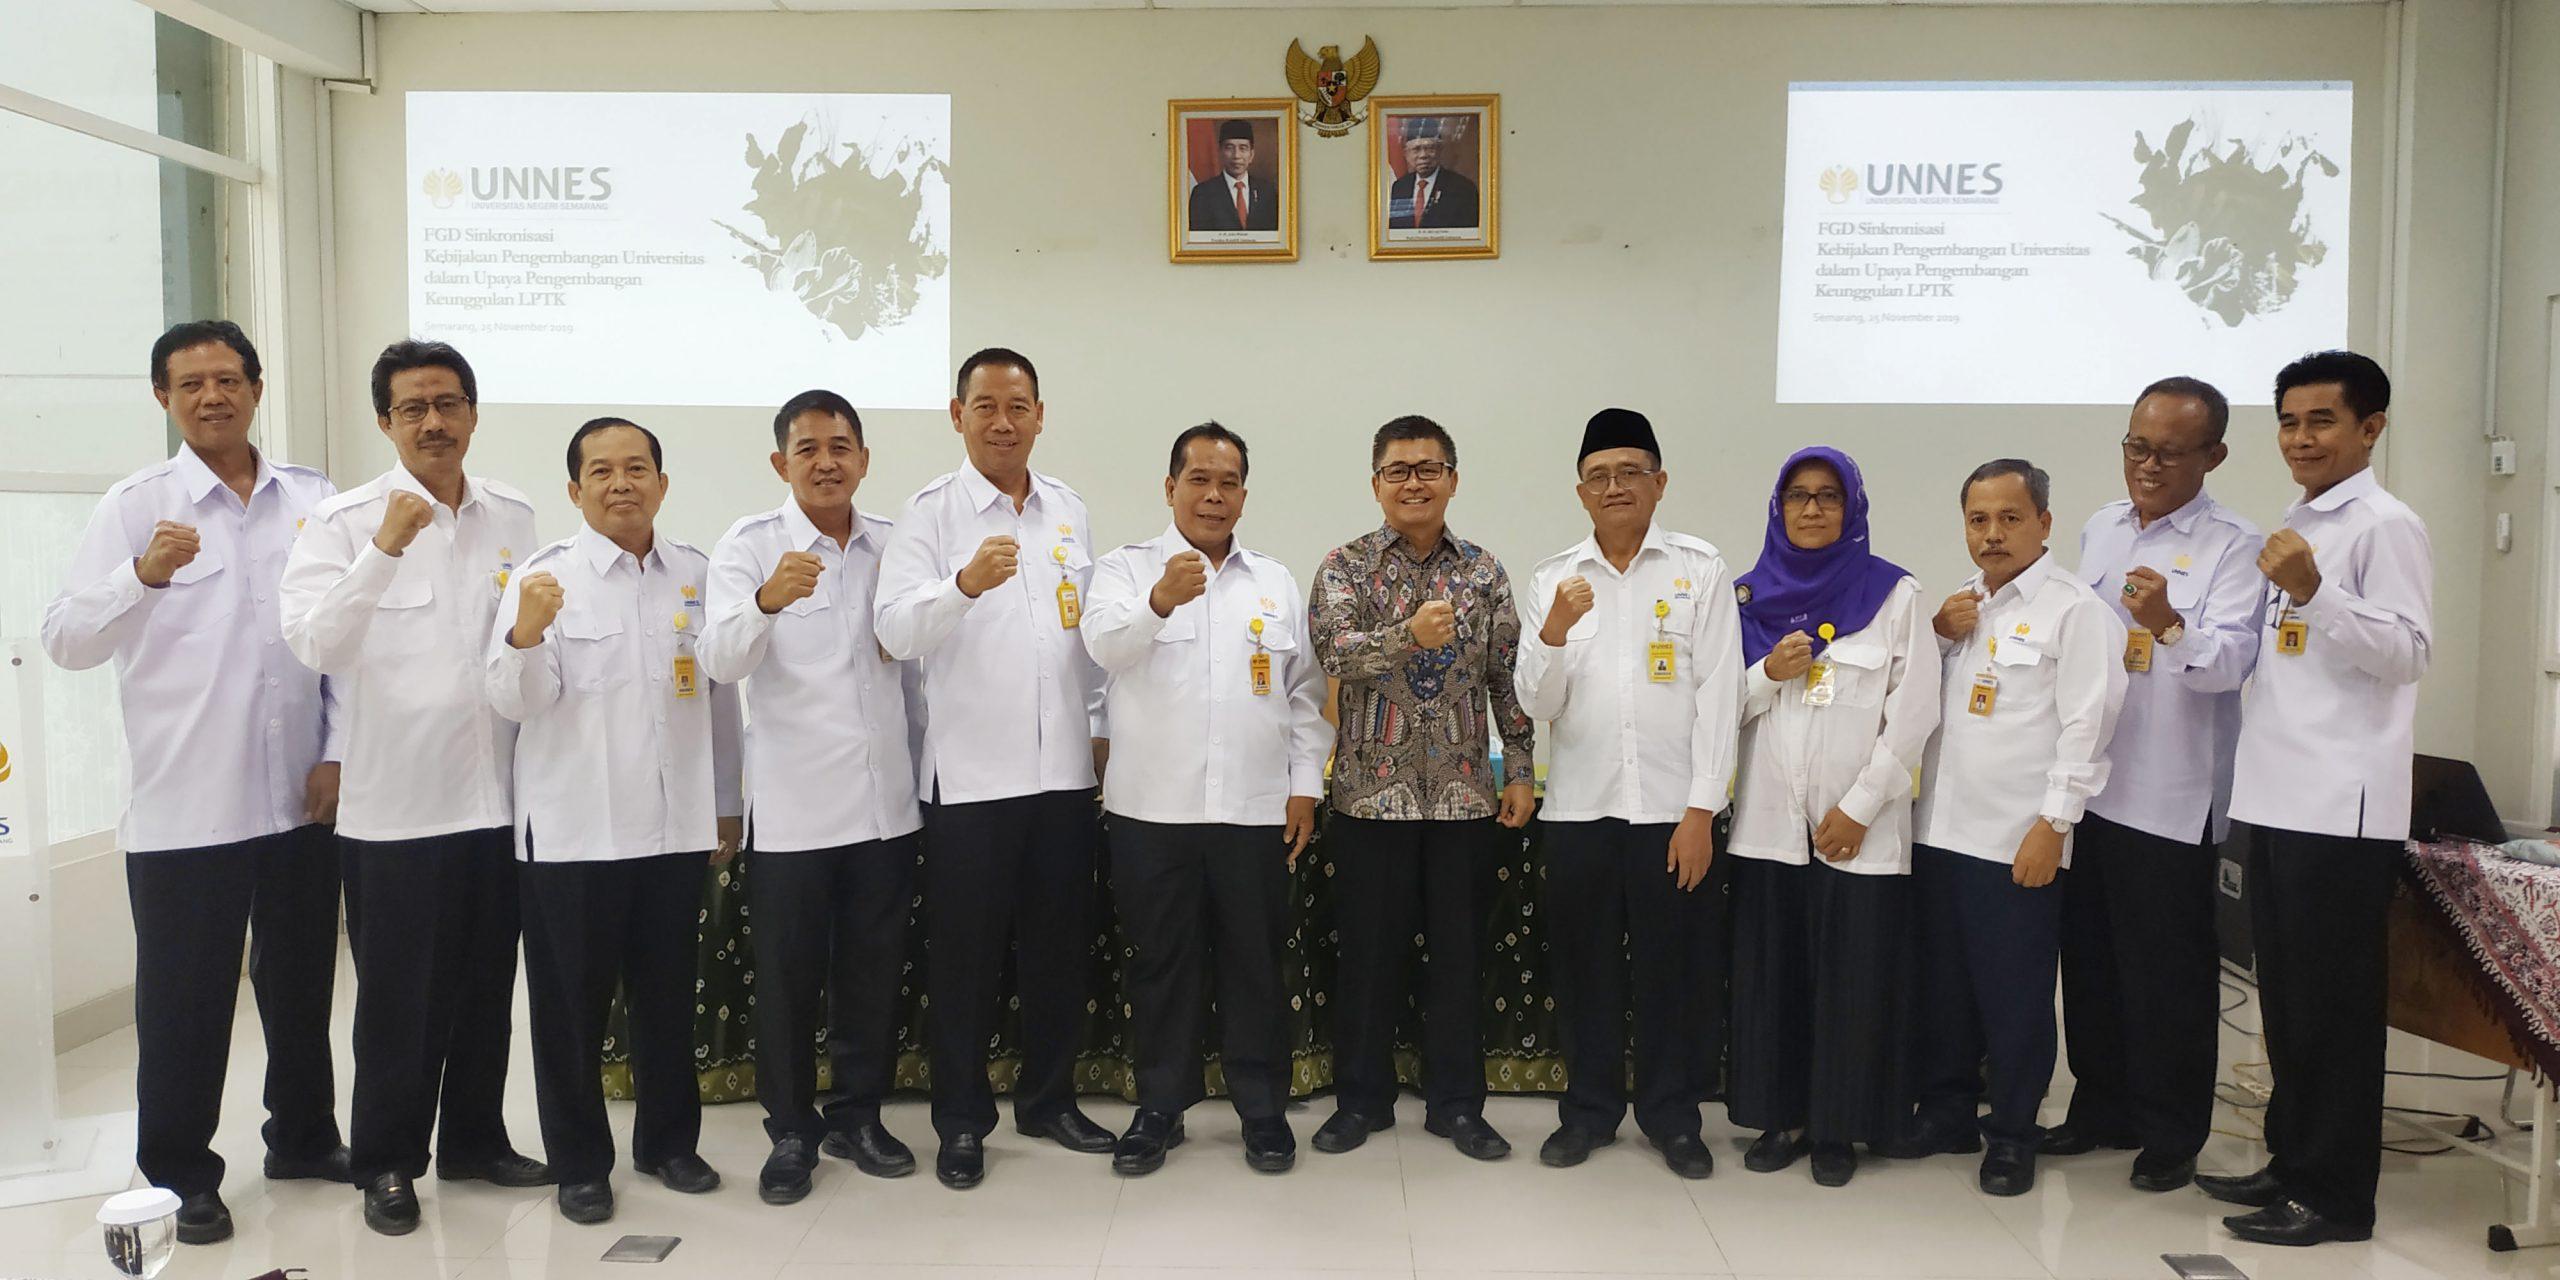 Menuju Visi  Indonesia 2045, UNNES berakselerasi meningkatkan kualitas LPTK